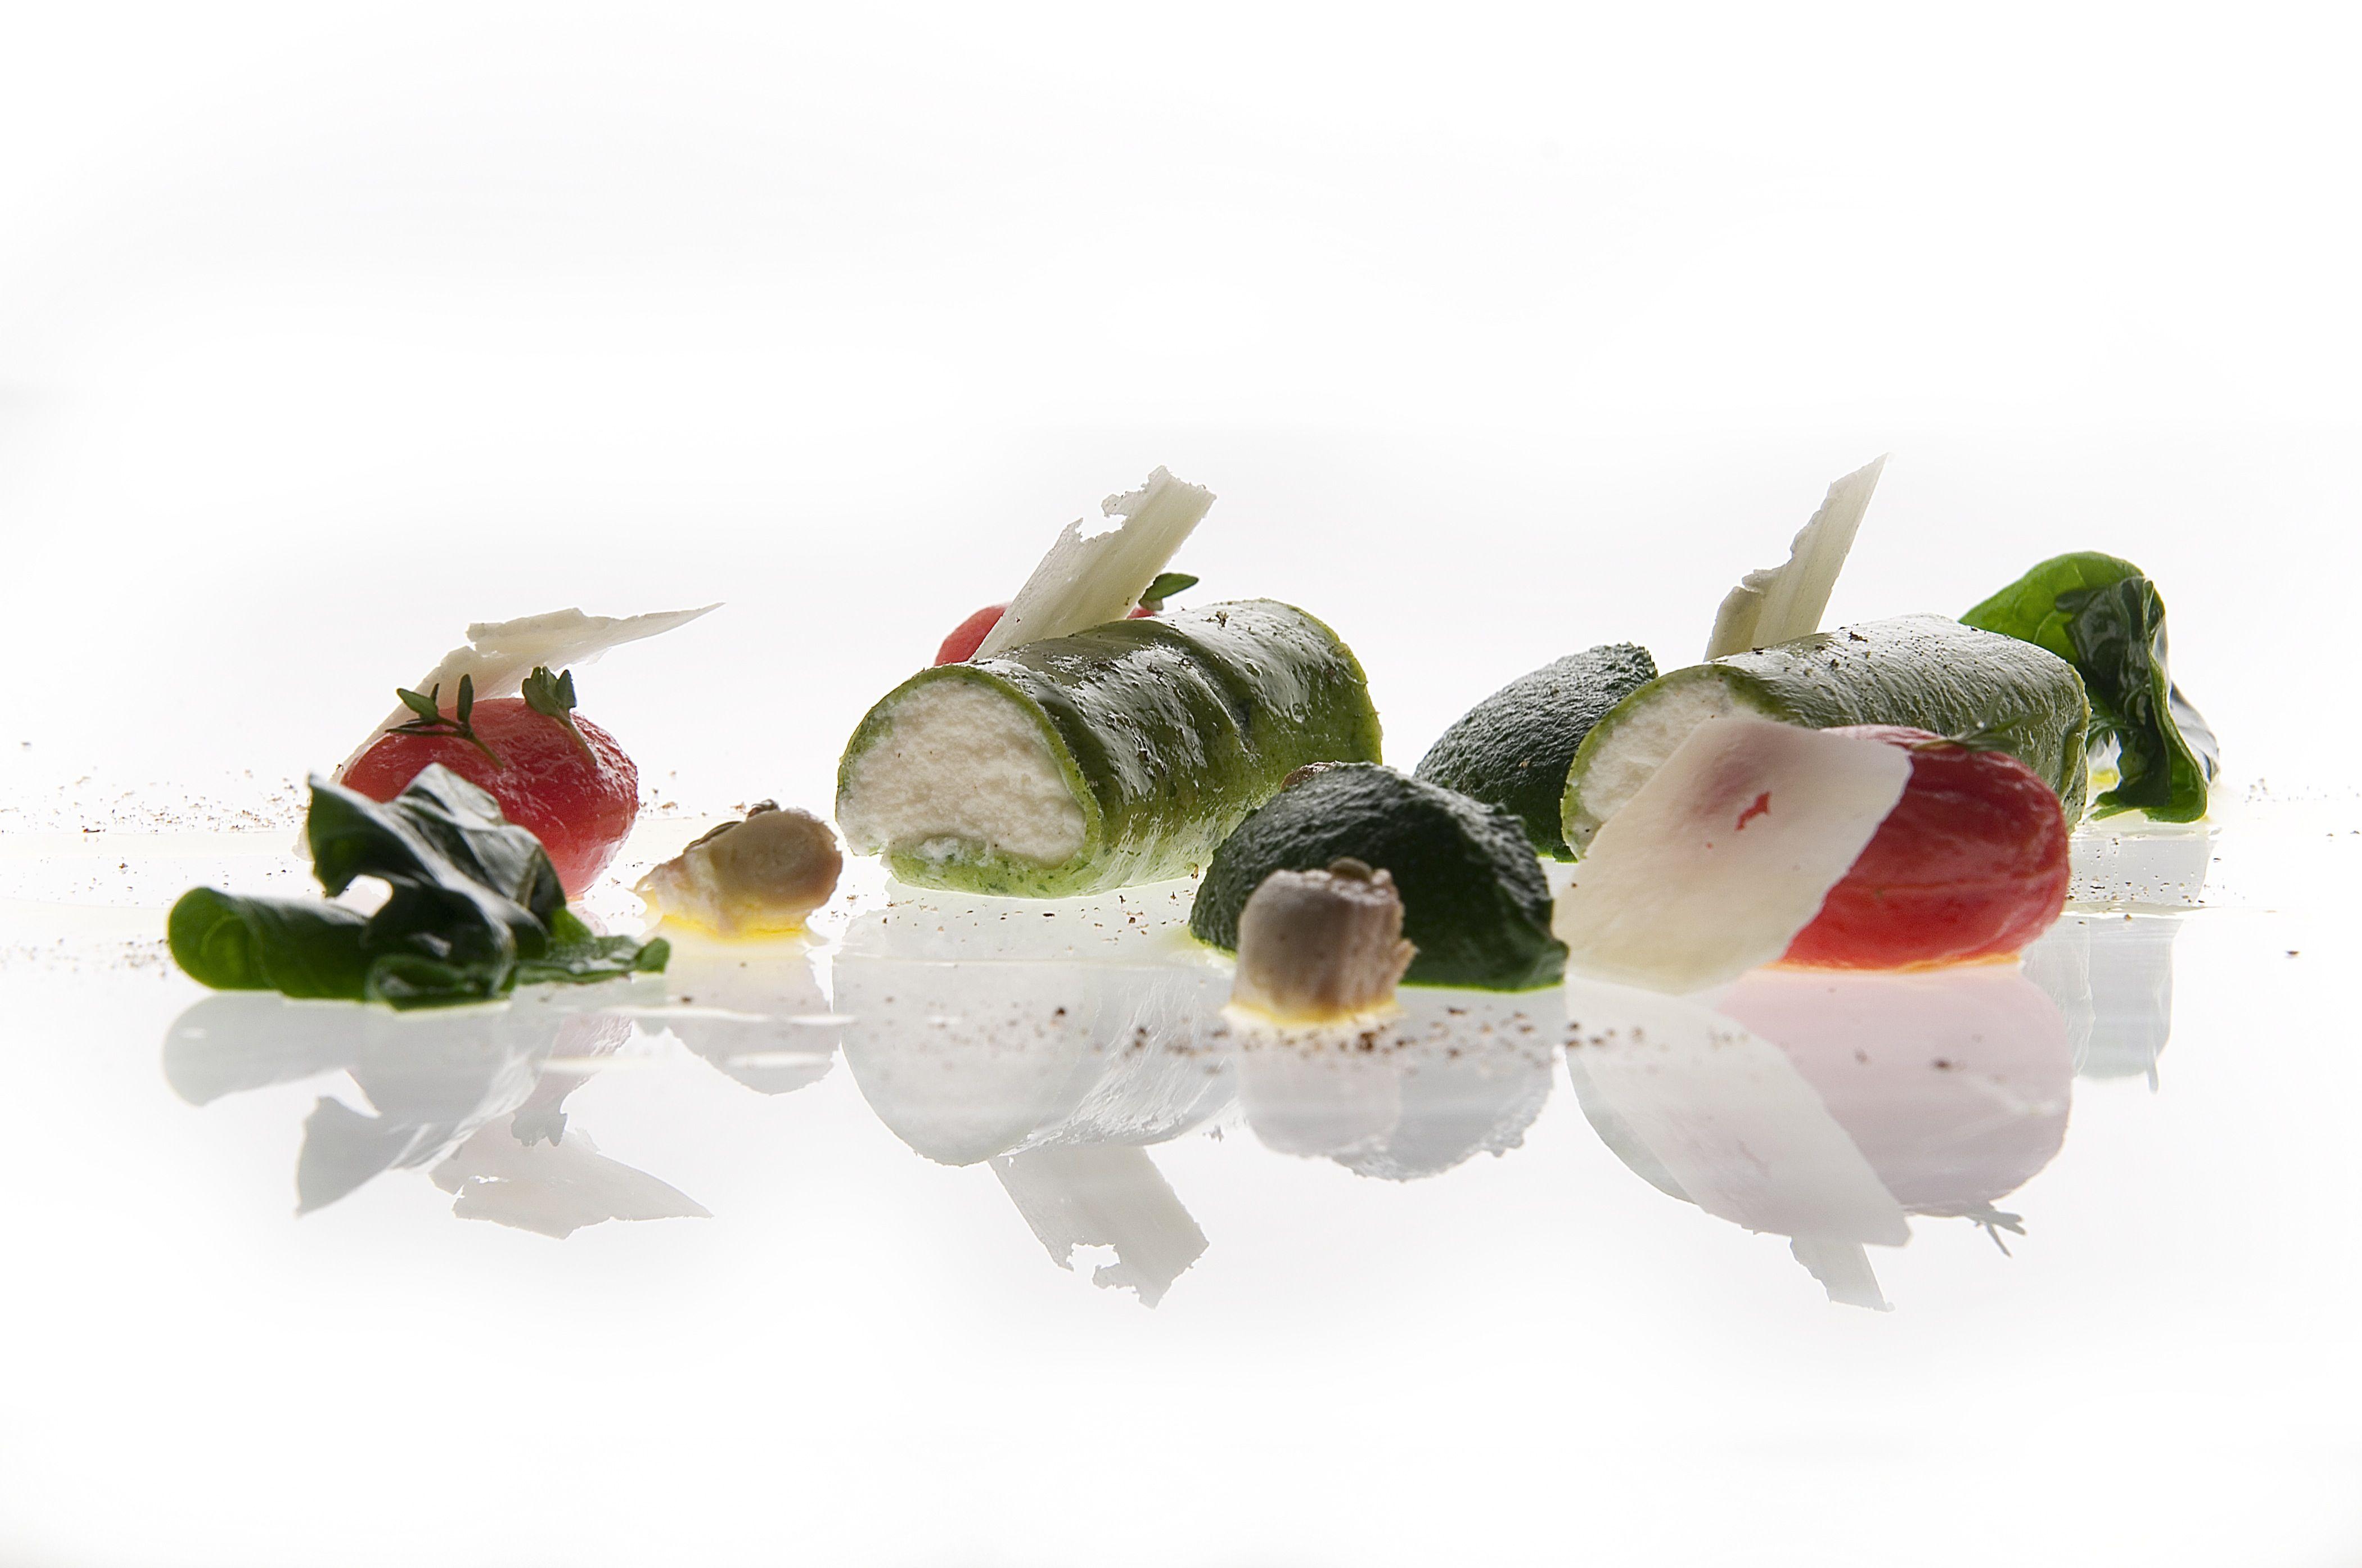 Cannolo di Ricotta e Spinaci. Irresistible interpretation of our Michelin chef Riccardo Di Giacinto www.thefirsthotel.com